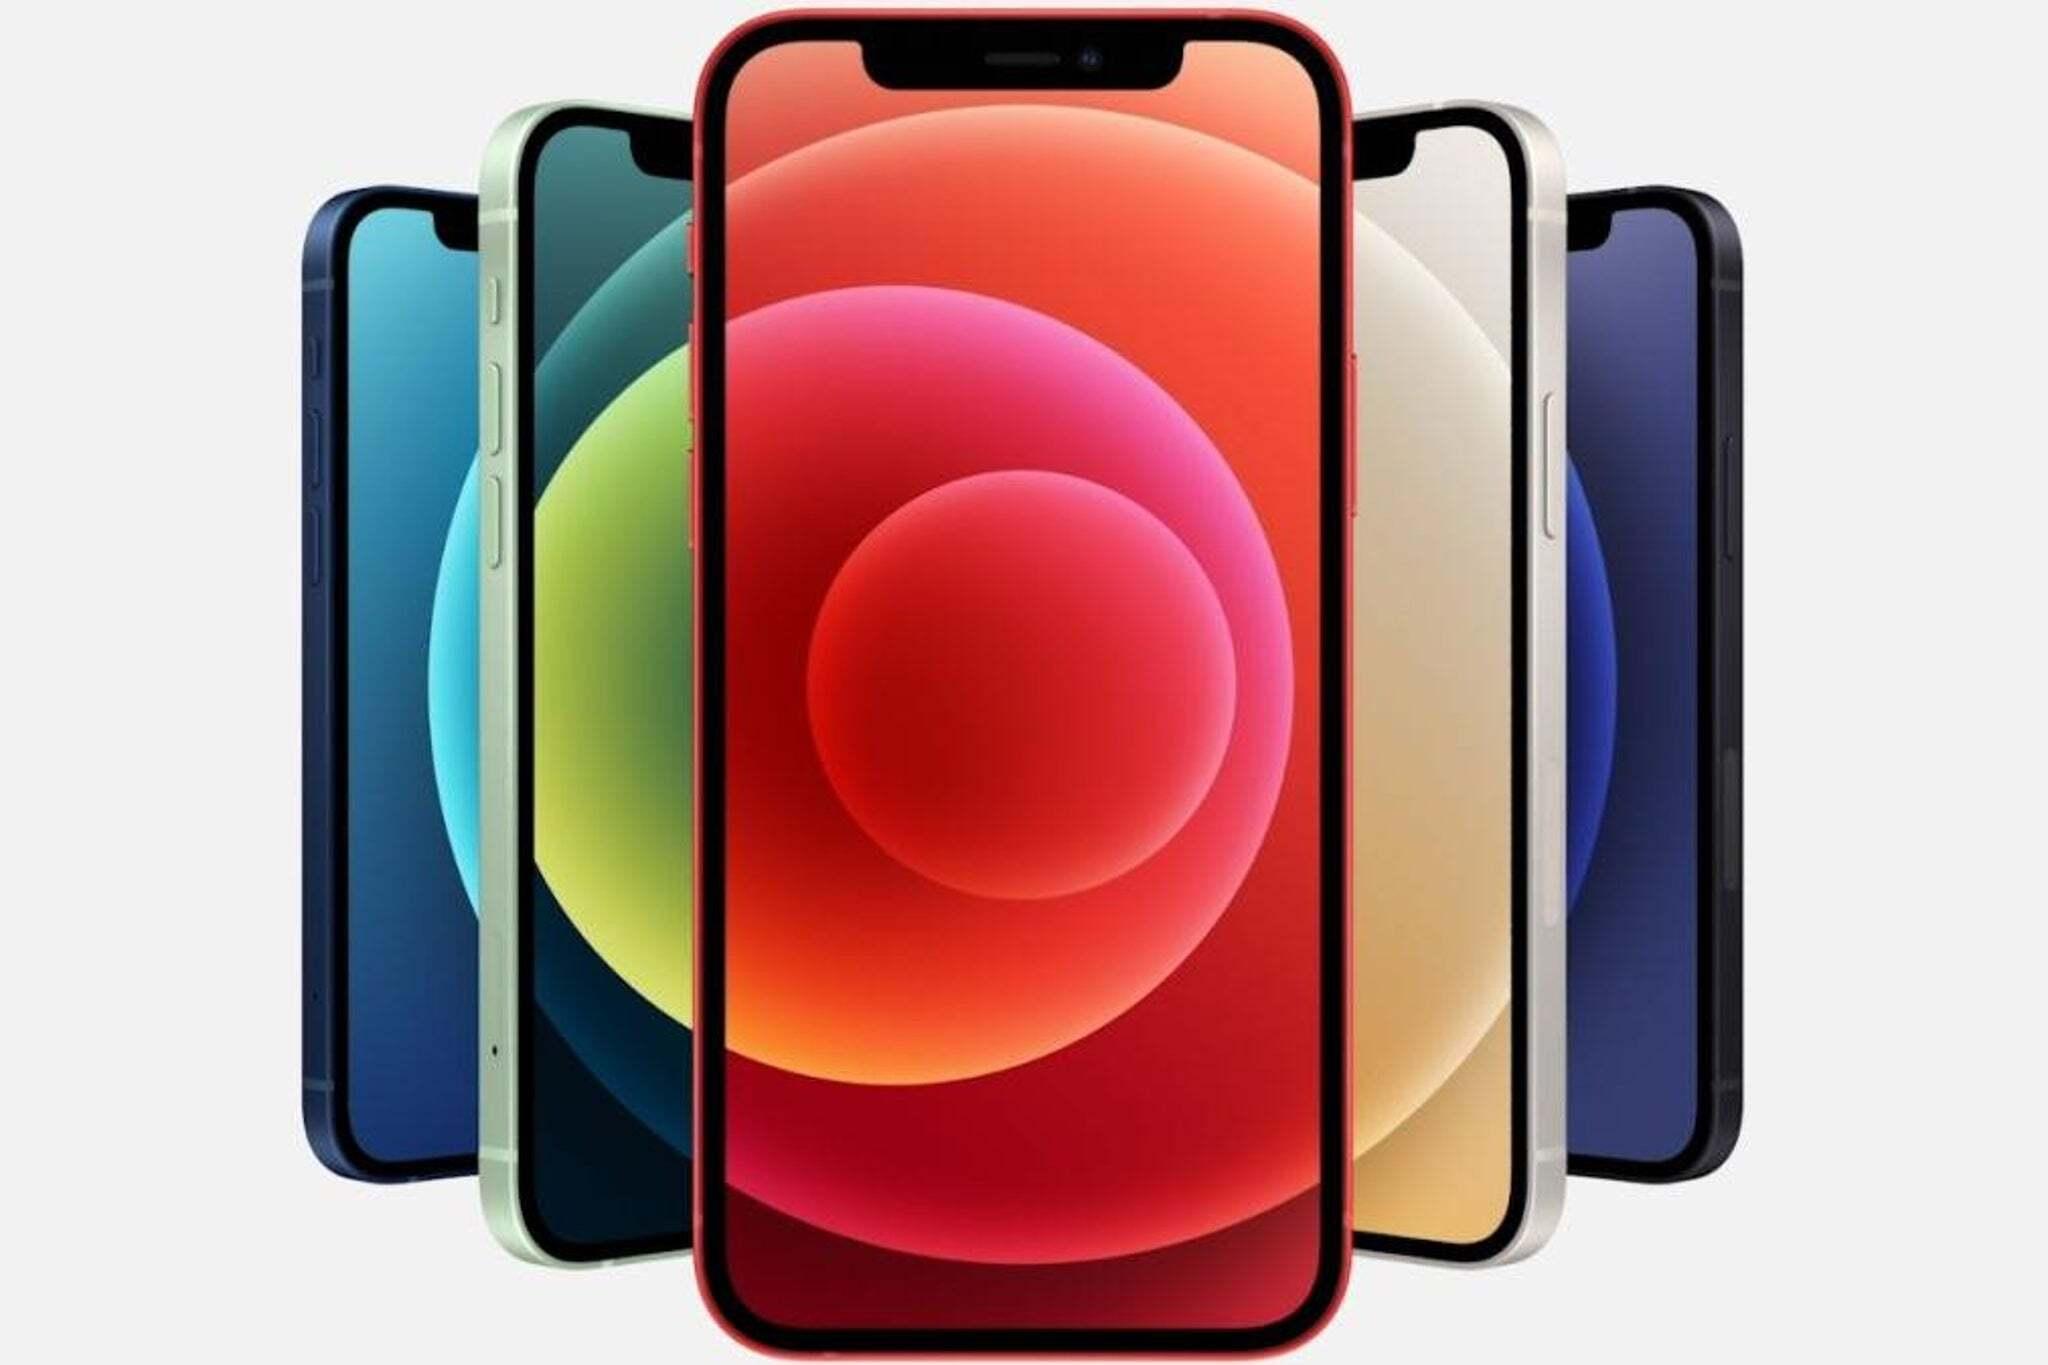 В следующей модели iPhone изменится вырез в экране